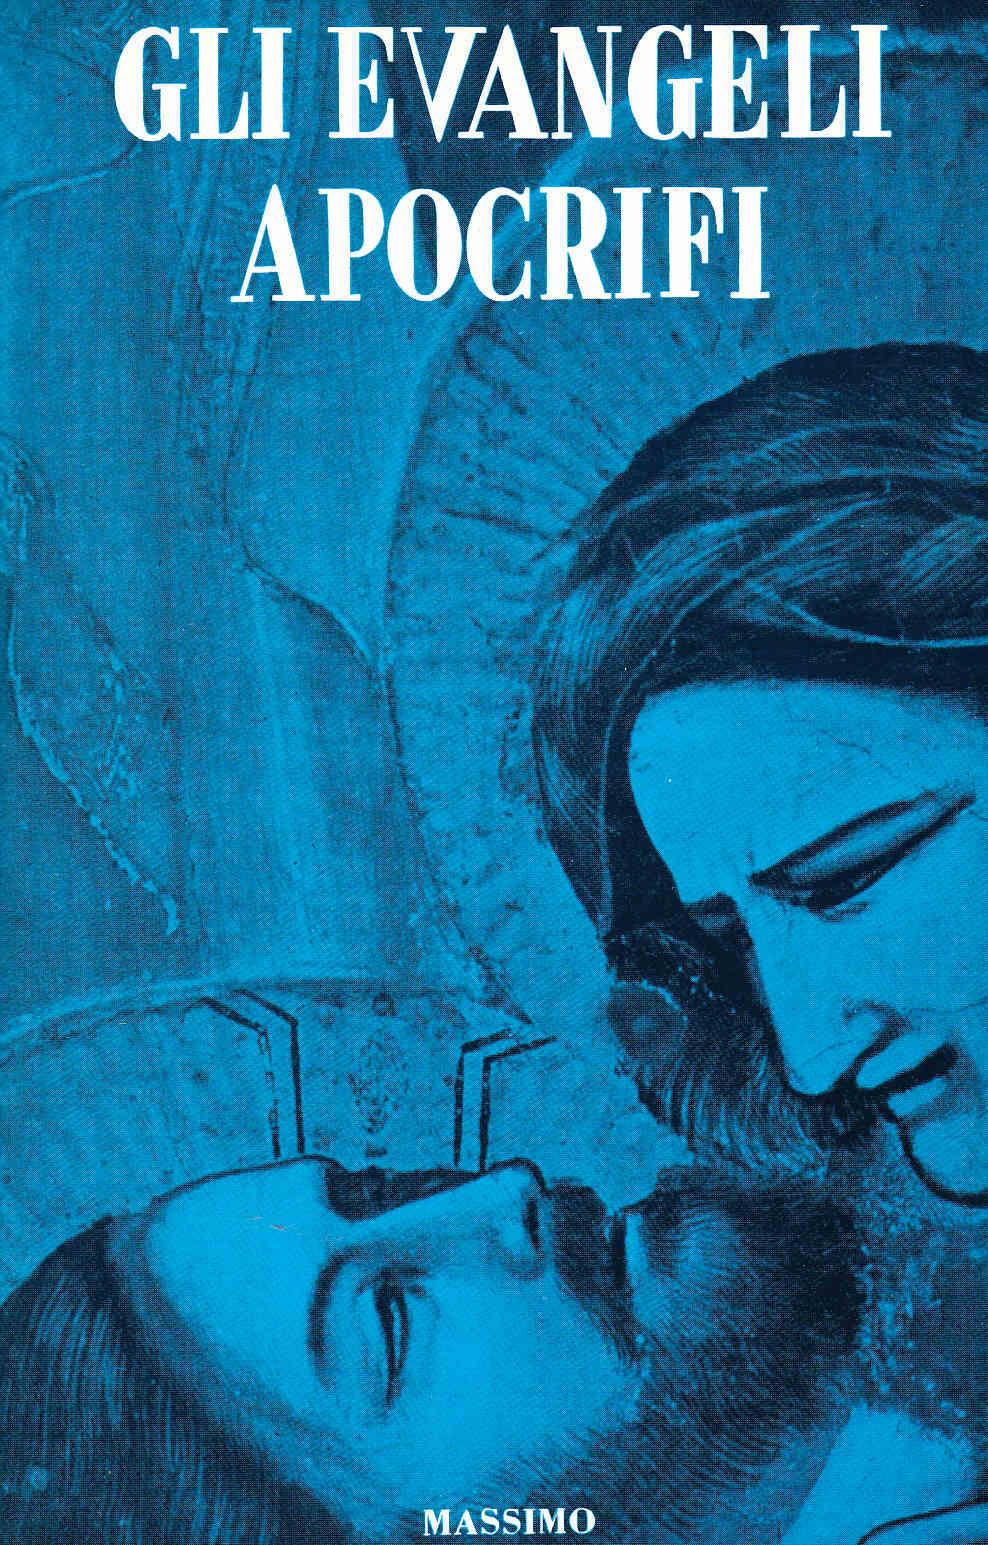 Gli evangeli apocrifi - Autori vari (spiritualità)